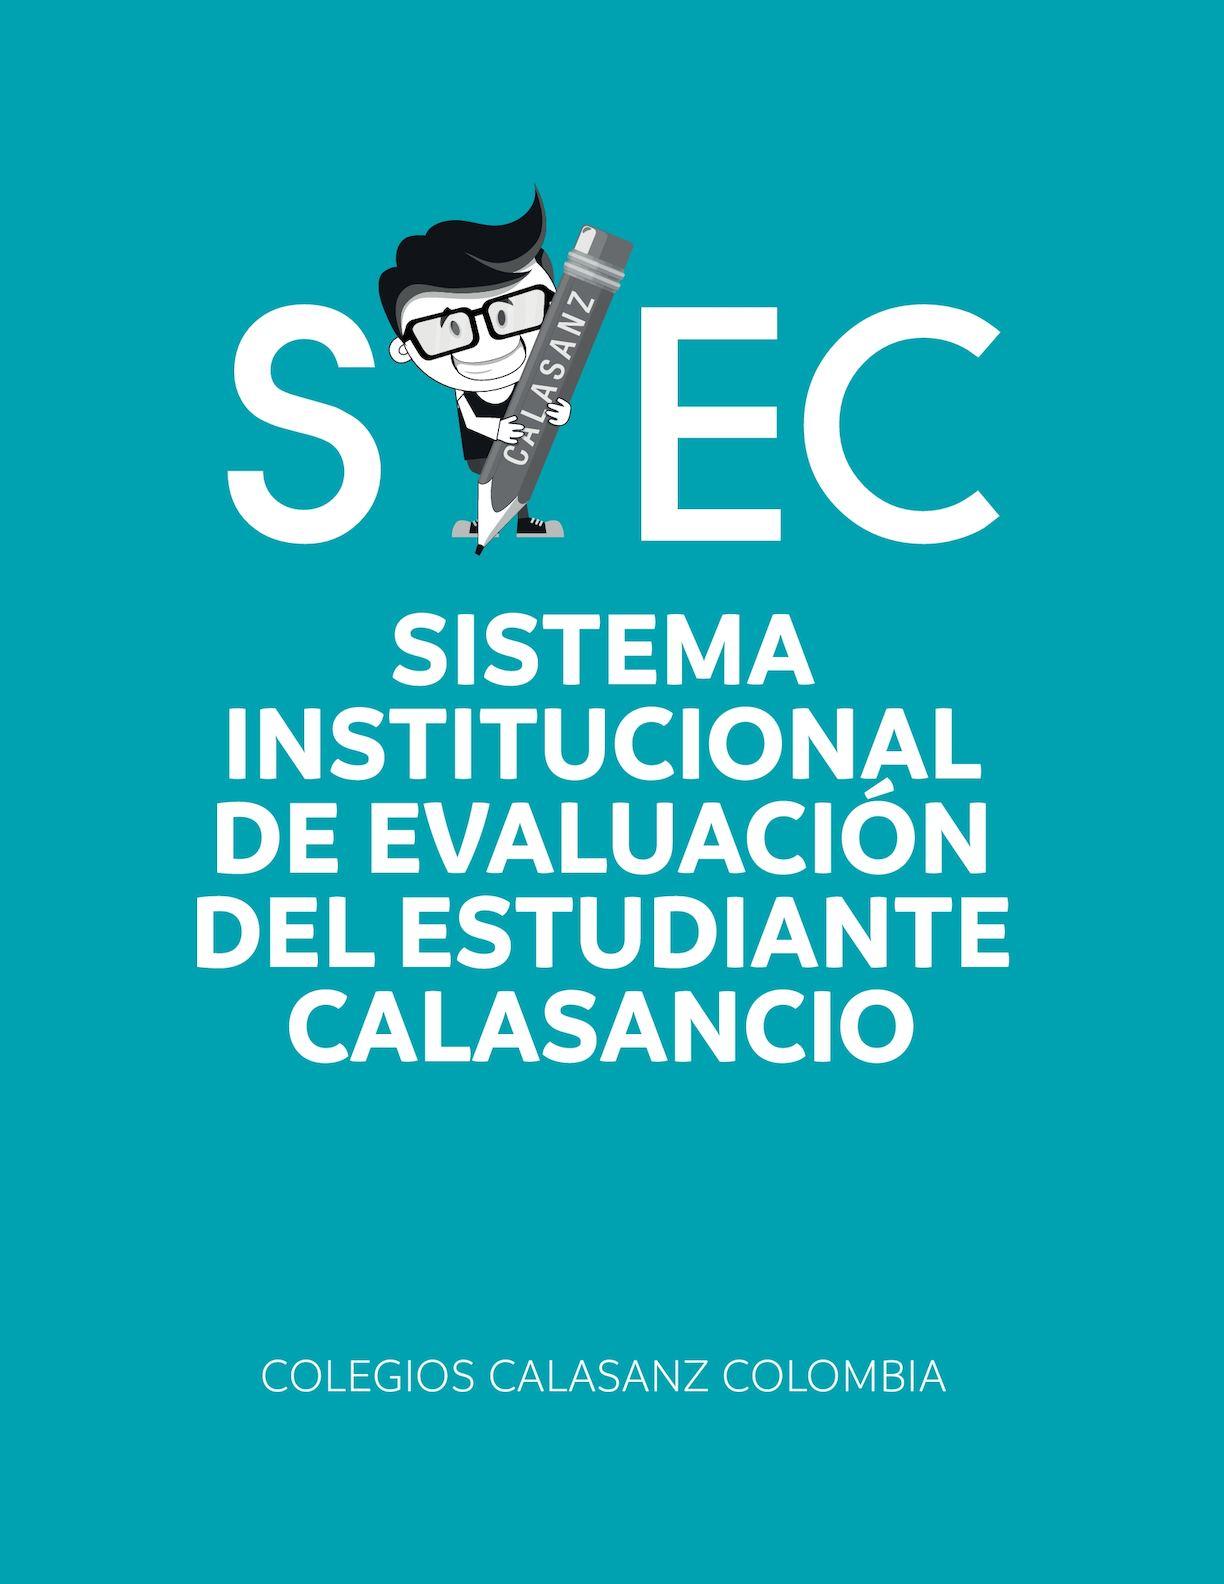 Sistema Institucional de Evaluación de los Colegios Calasanz de Colombia 2017